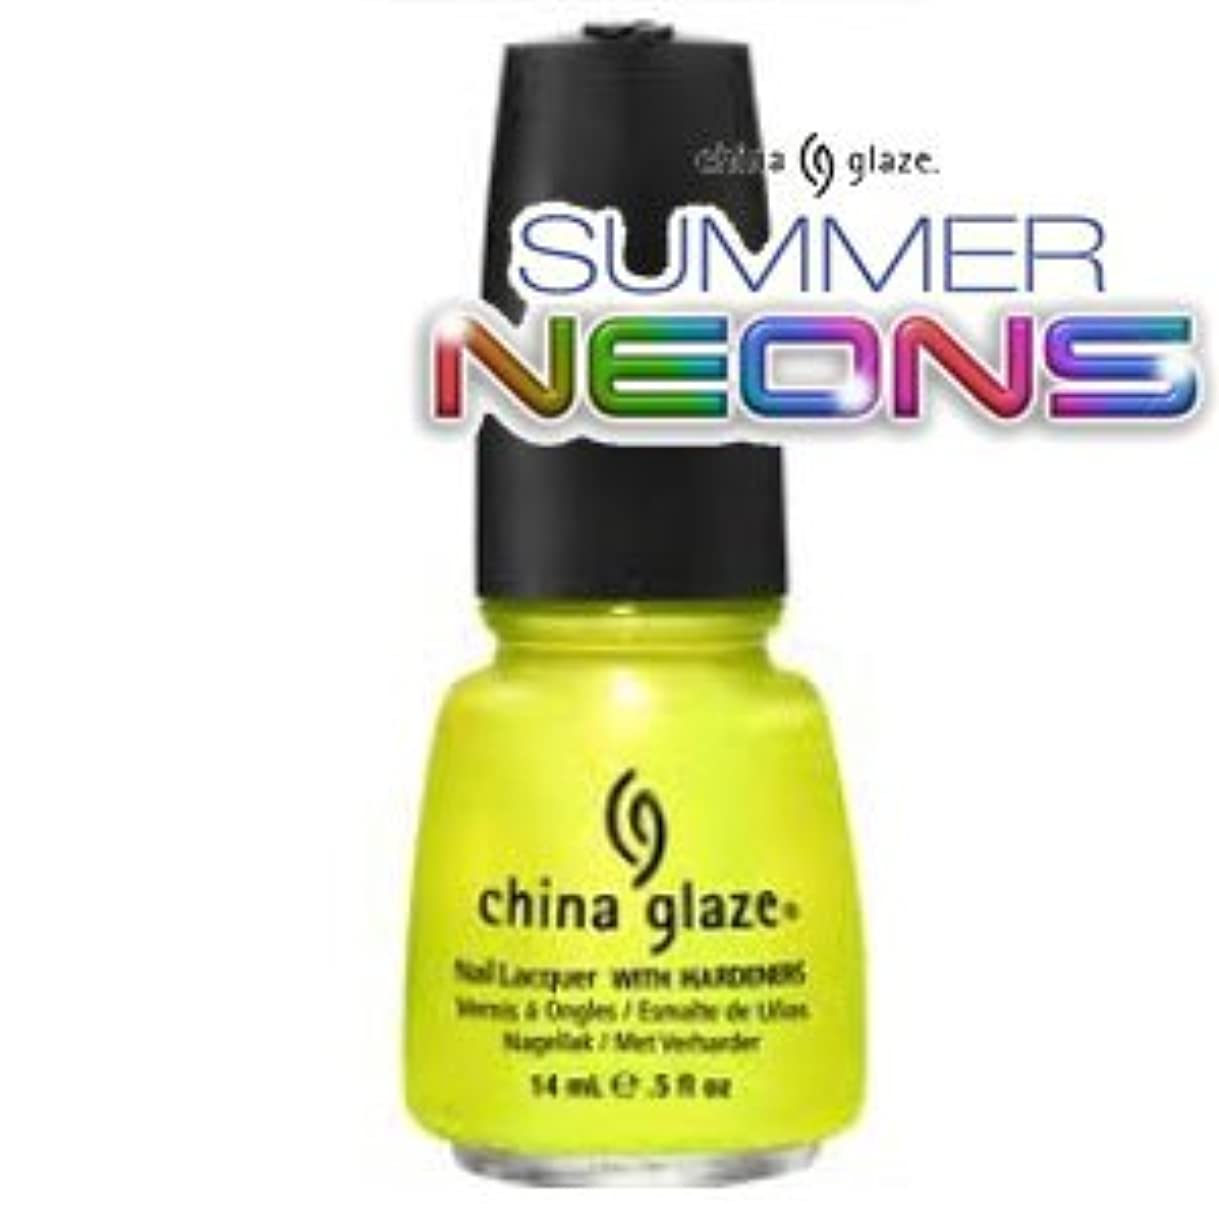 カブファントムステーキ(チャイナグレイズ)China Glaze Sun Kissedーサマーネオン コレクション [海外直送品][並行輸入品]